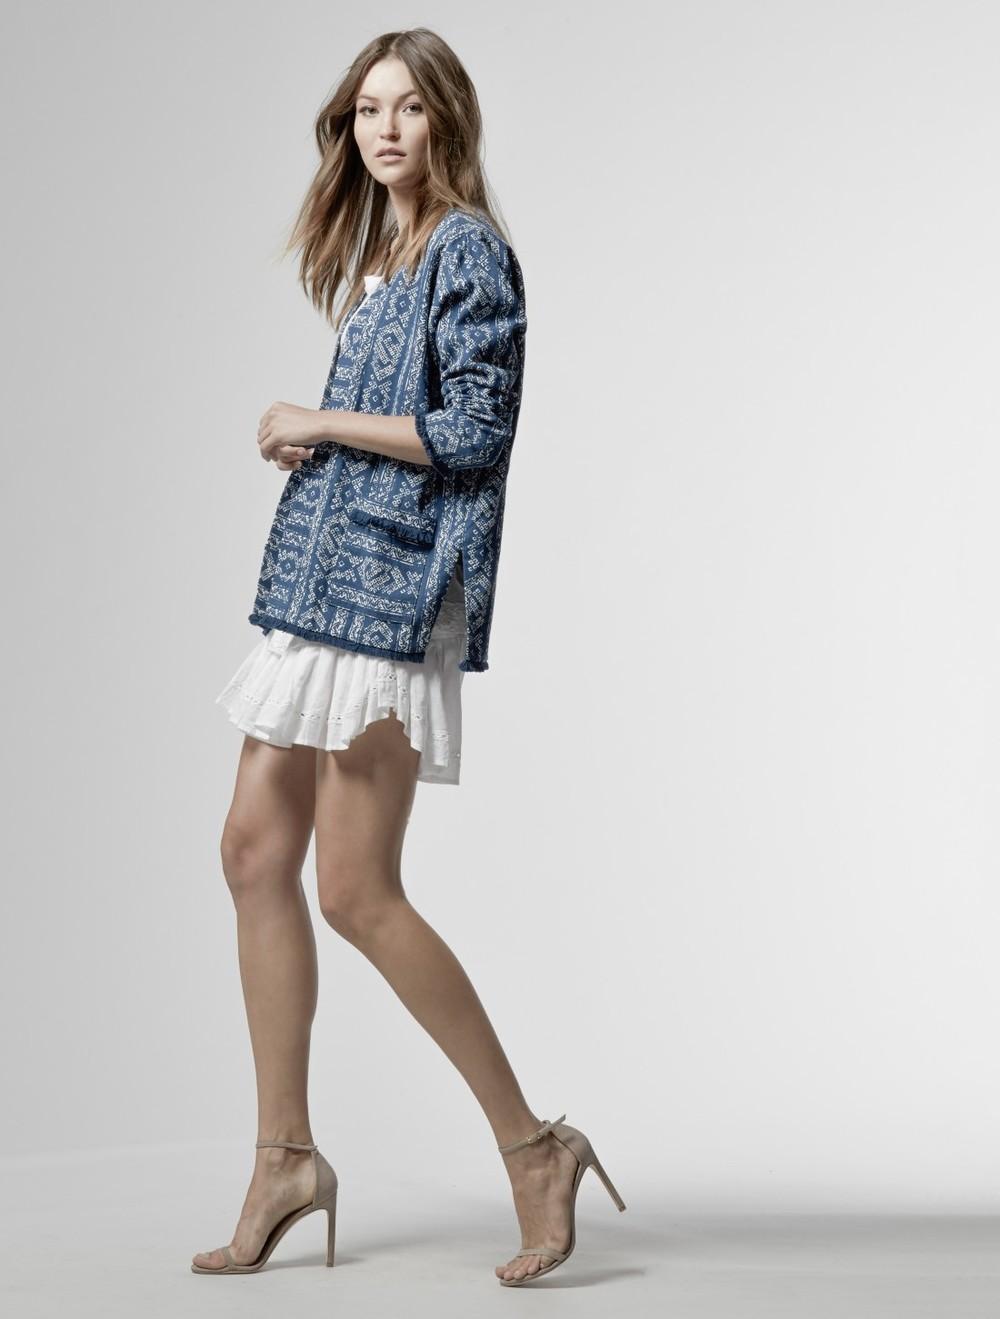 Boho Jacket with skirt